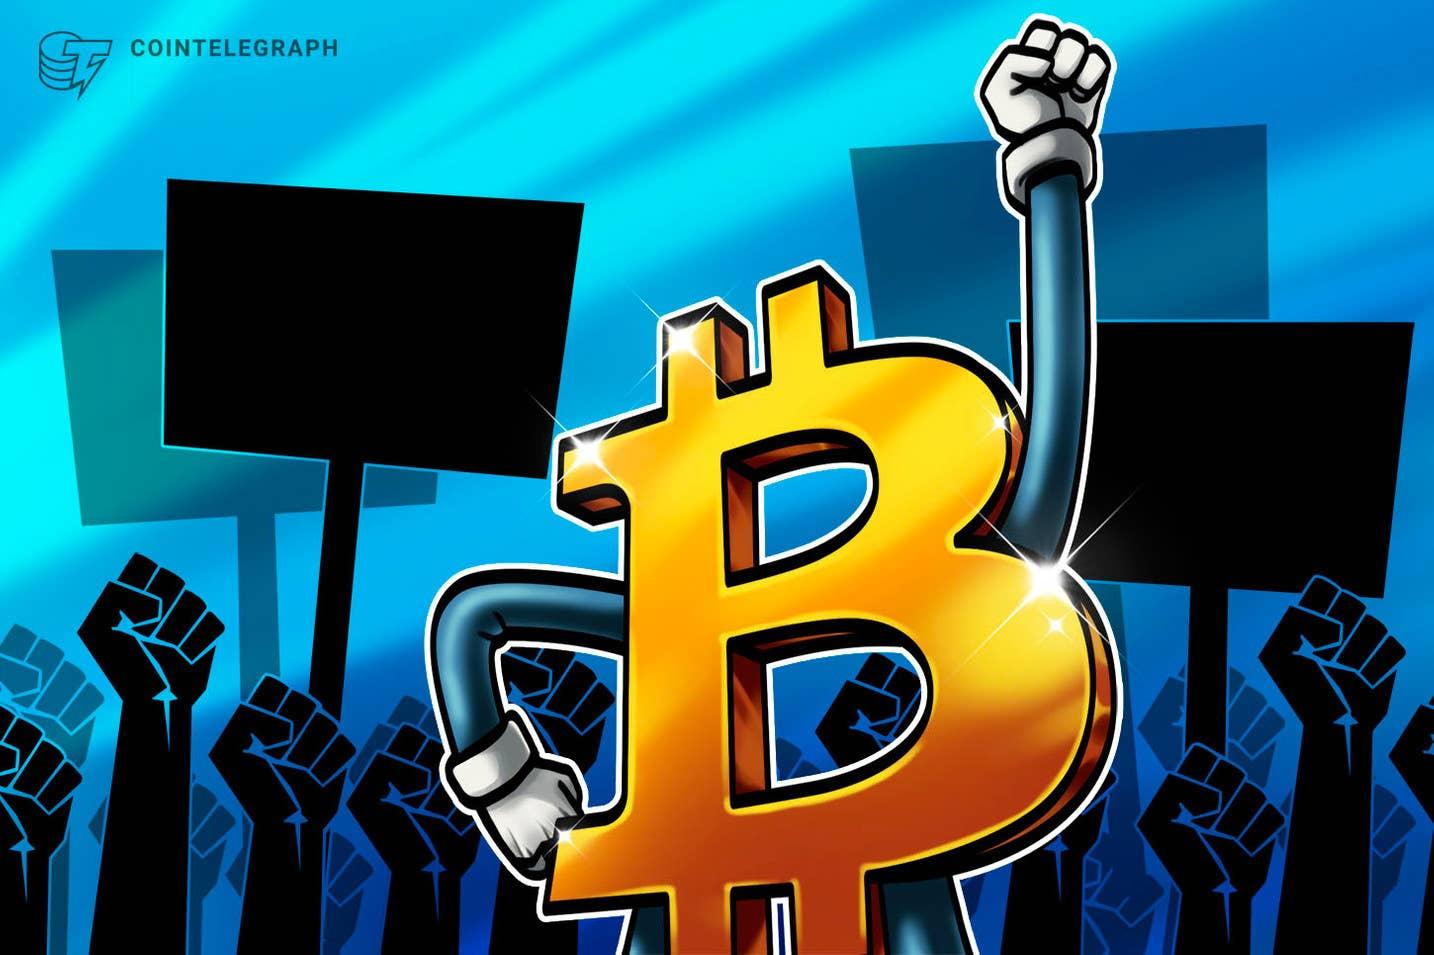 """""""Bitcoin"""" išbando pagrindinį lygį, kad sumažėtų 40 XNUMX USD BTC kaina, kai altkoinai kraujuoja"""